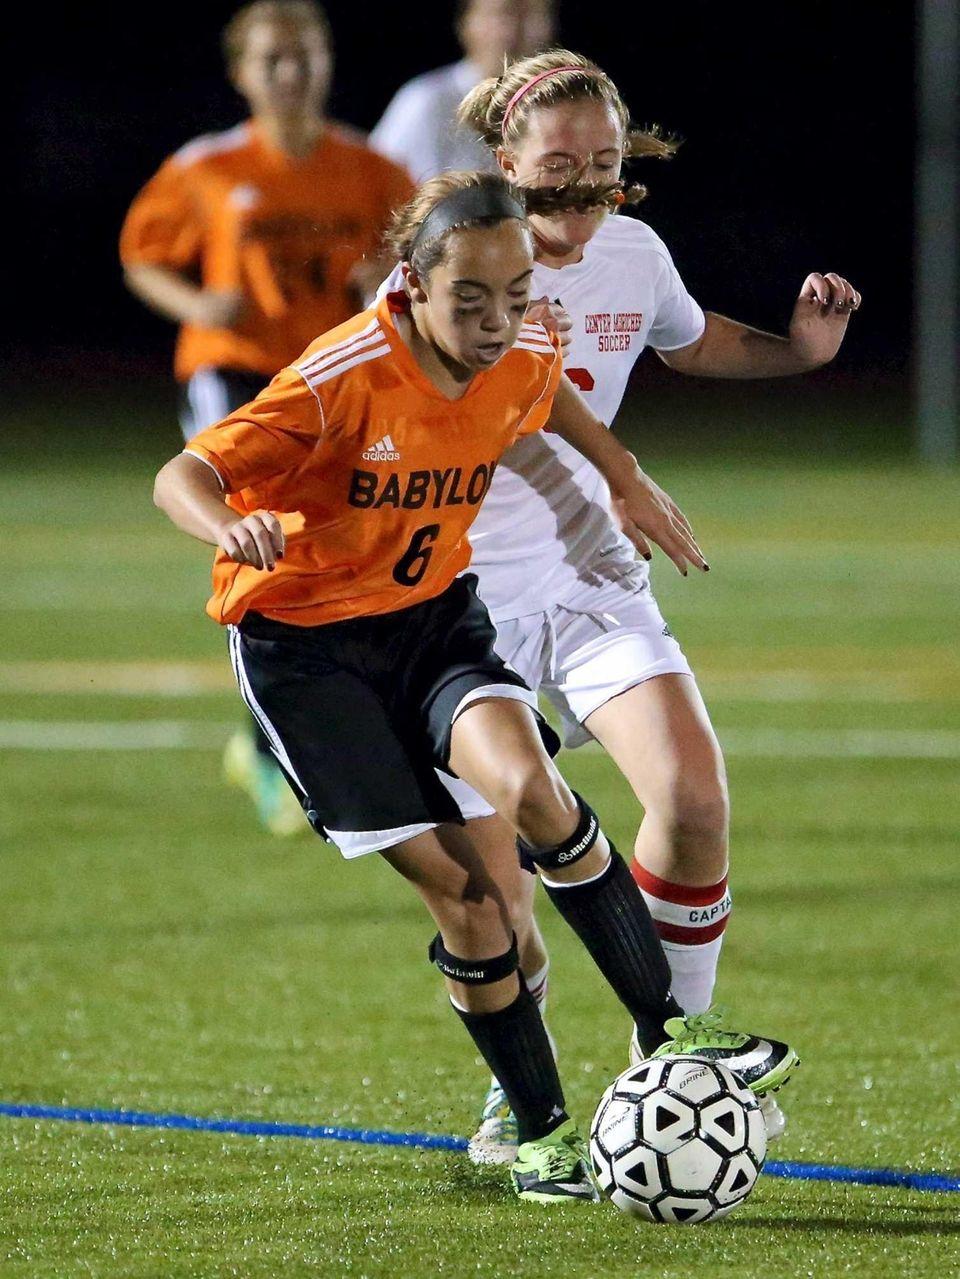 Babylon's Olivia Maldonado controls the ball as Center